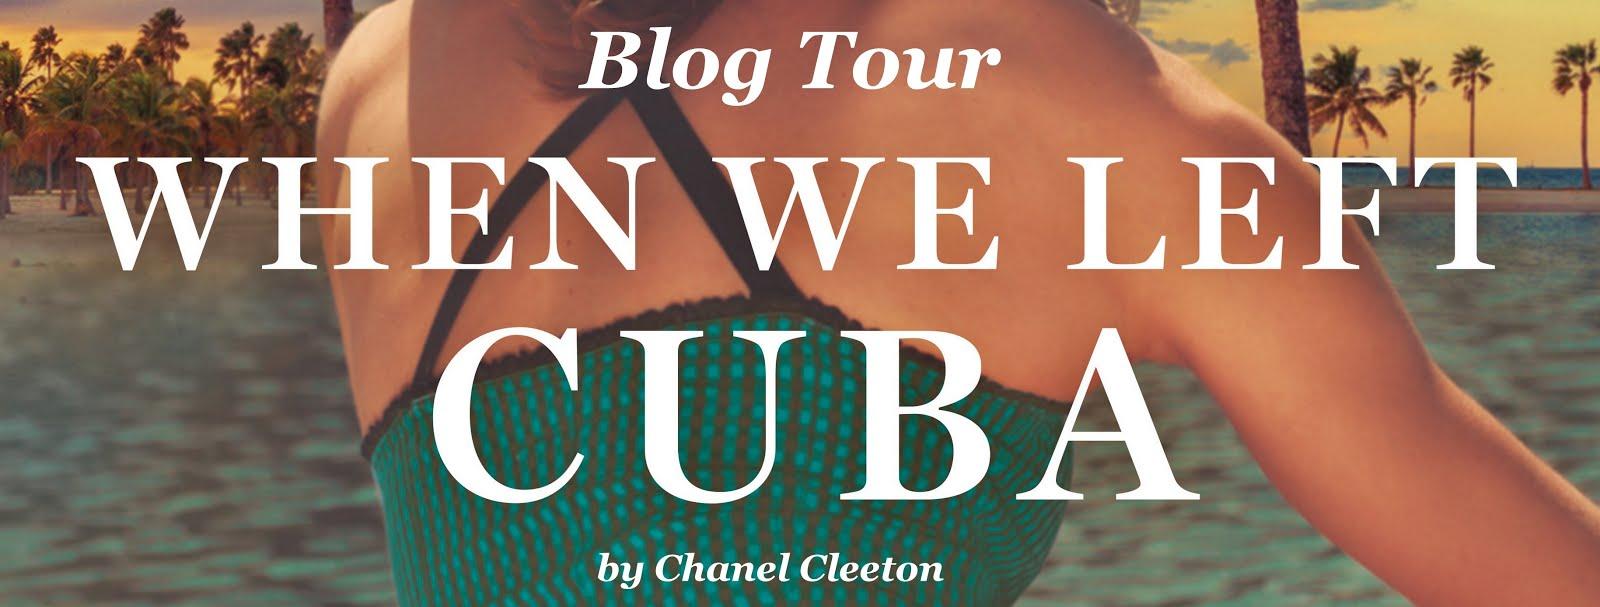 When We Left Cuba Blog Tour